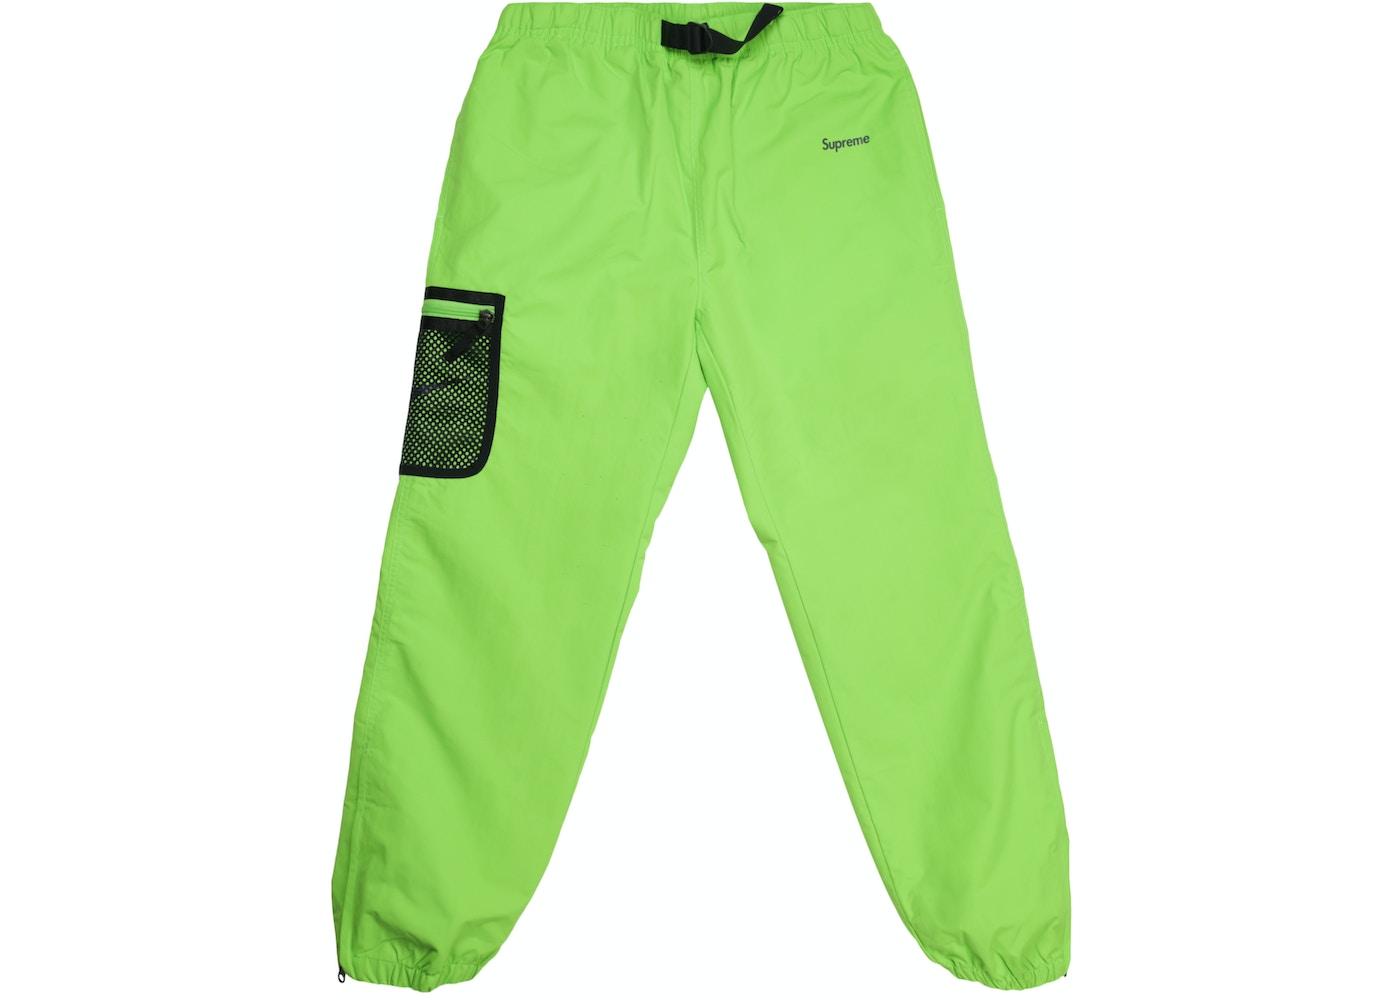 750d1a0a4f5 Streetwear - Supreme Bottoms - Price Premium